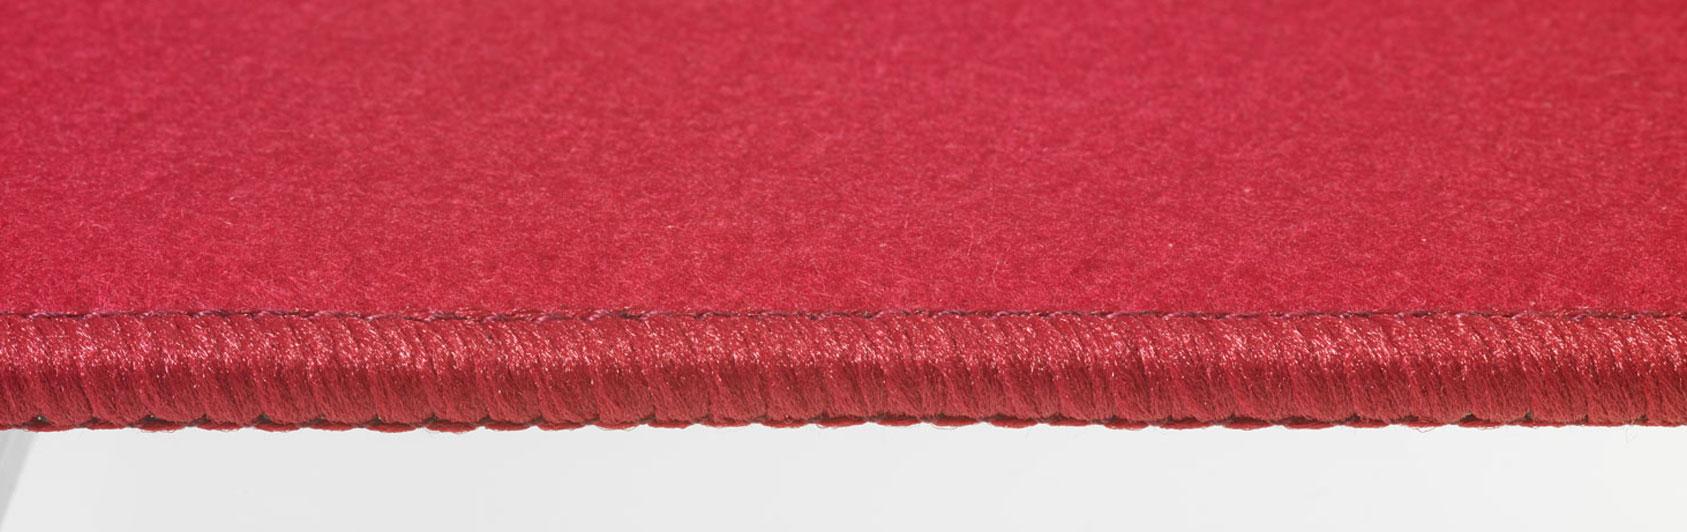 coussin qualité feutre couleur rouge claire